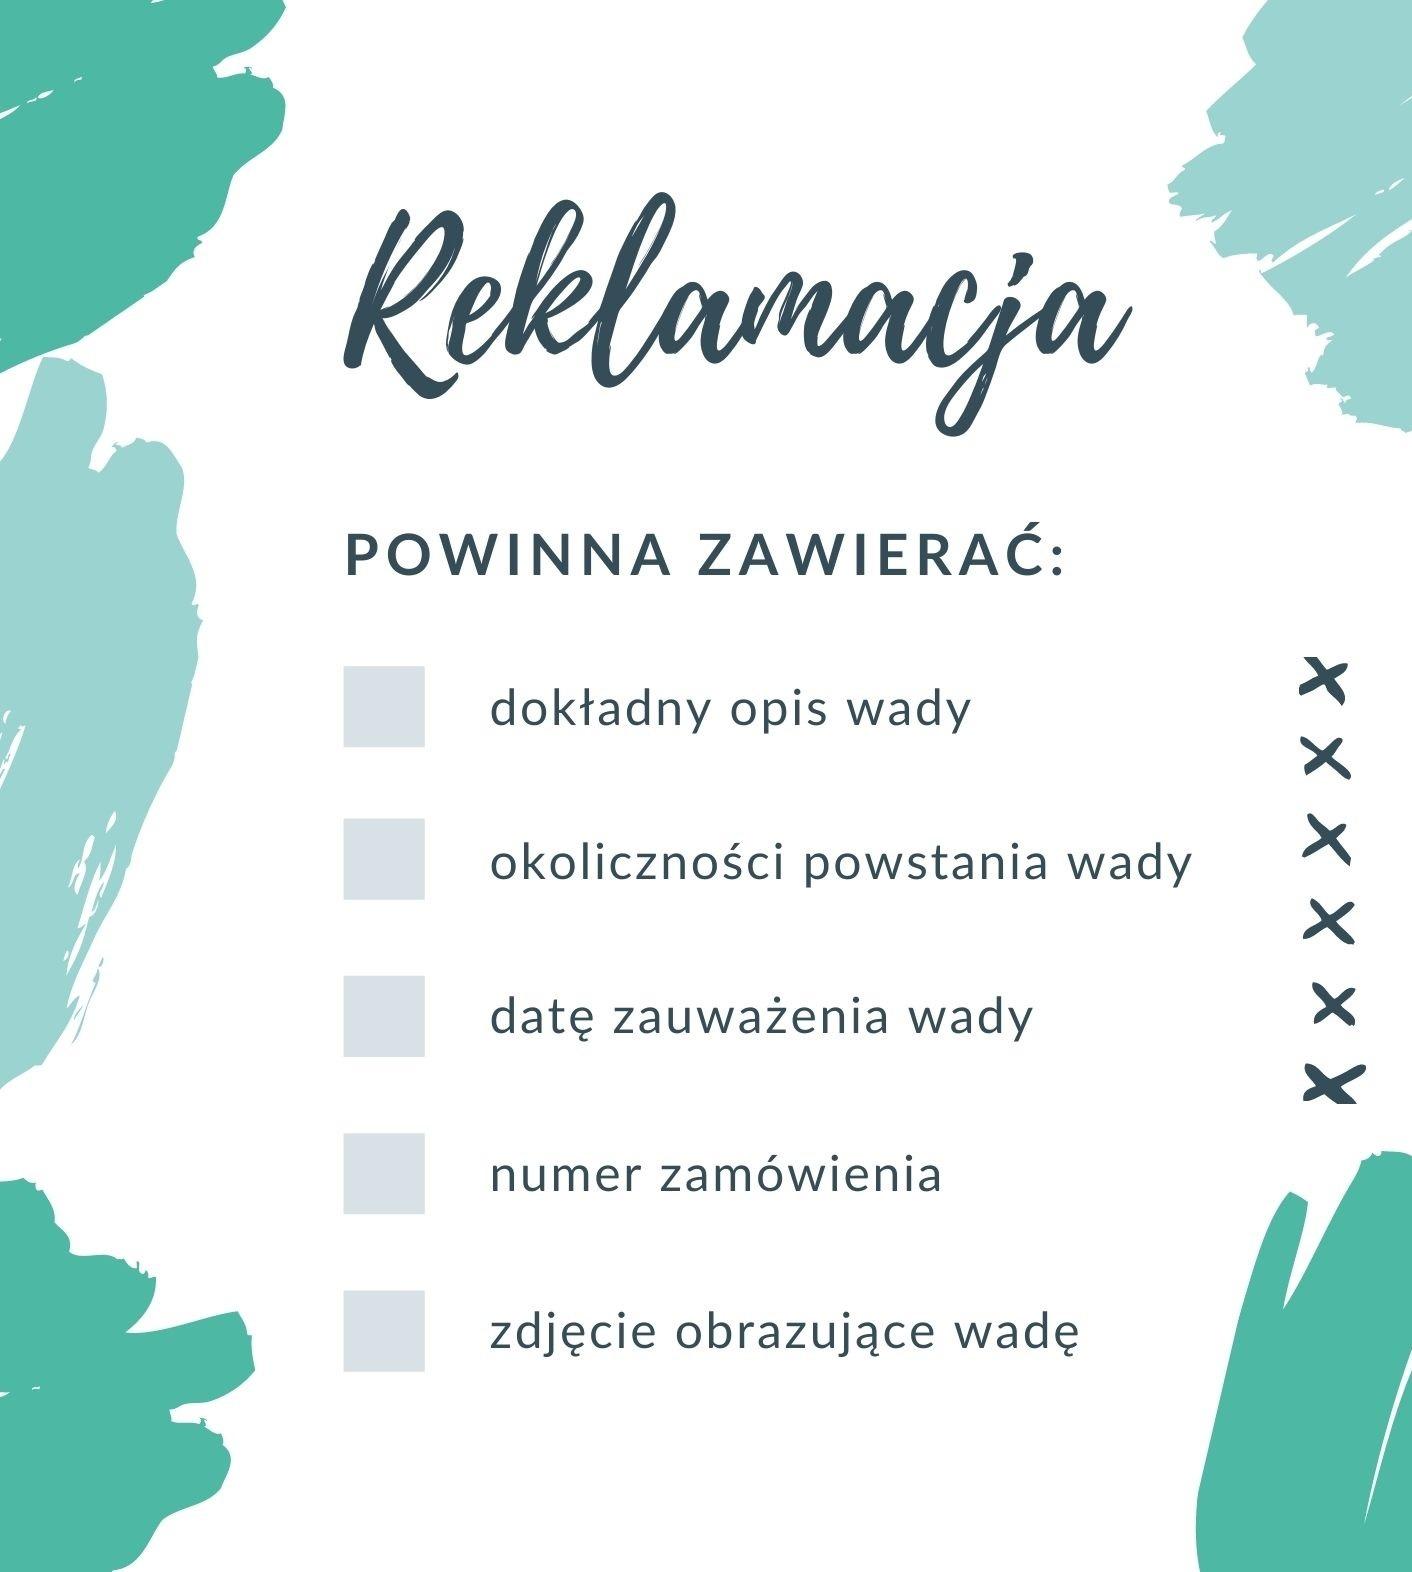 Reklamacja - checklista